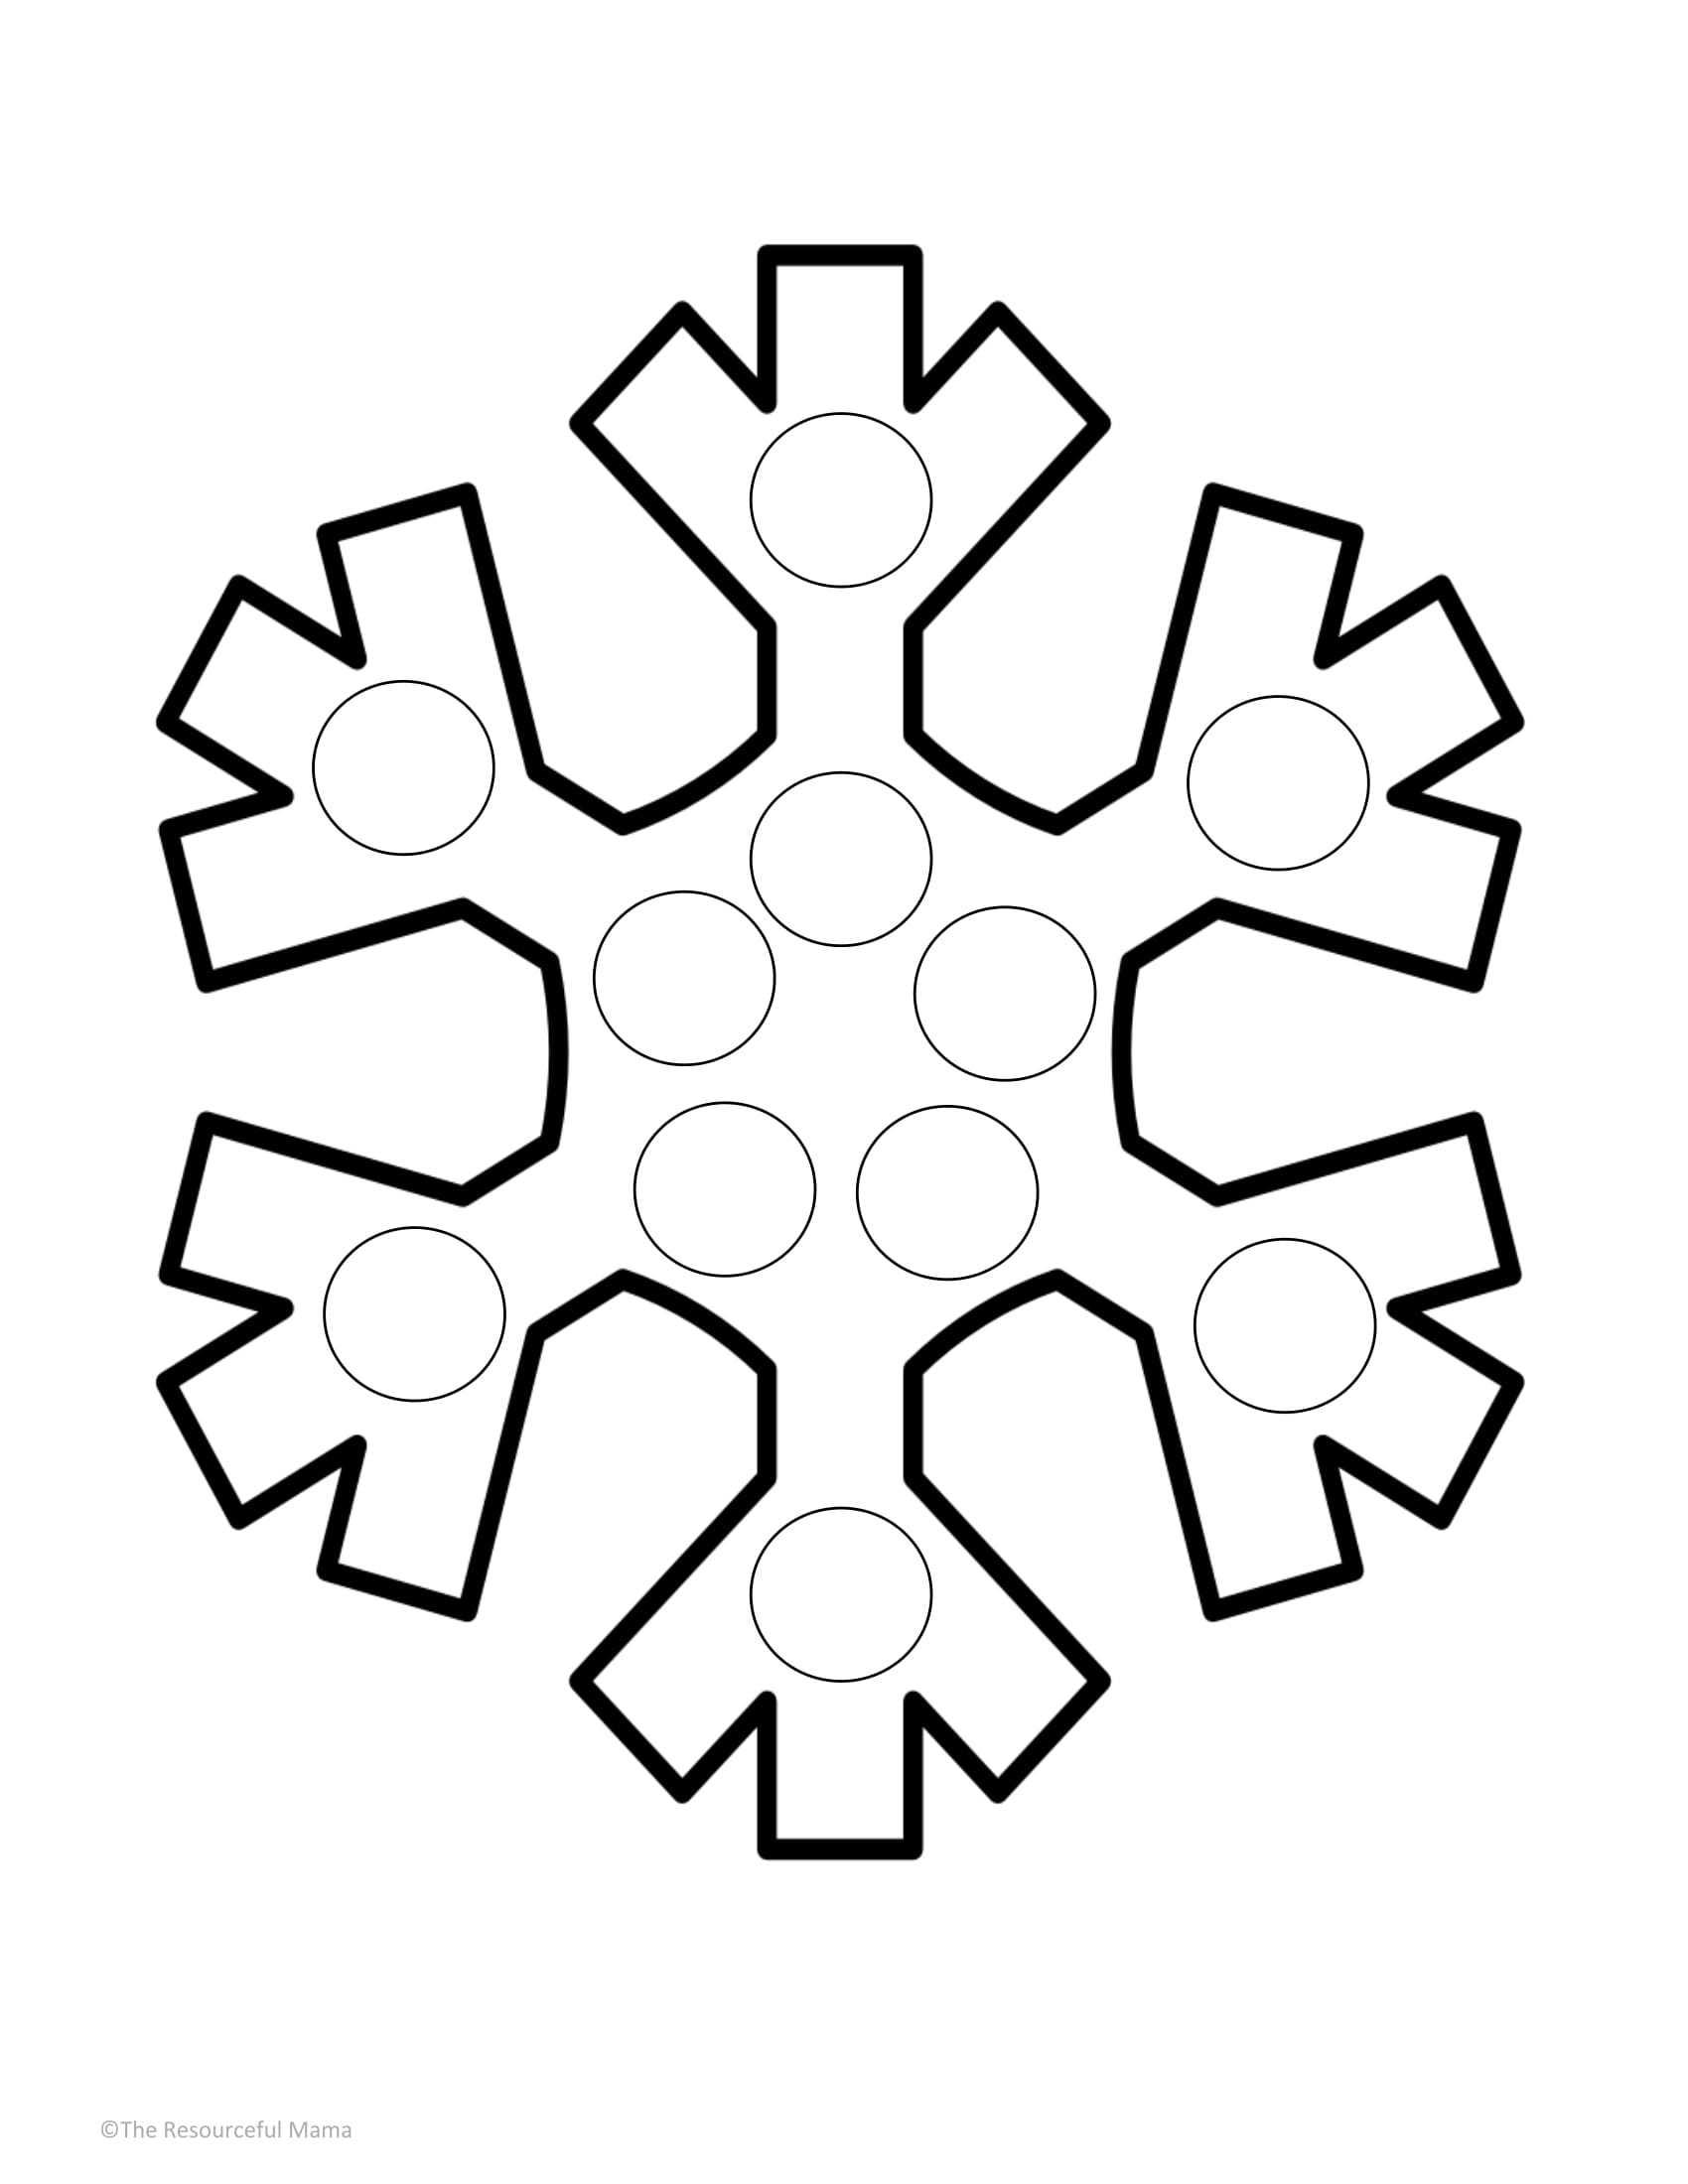 Kış Mevsimi Ile Ilgili Ponpon Yapıştırma Etkinlikleri Okul öncesi